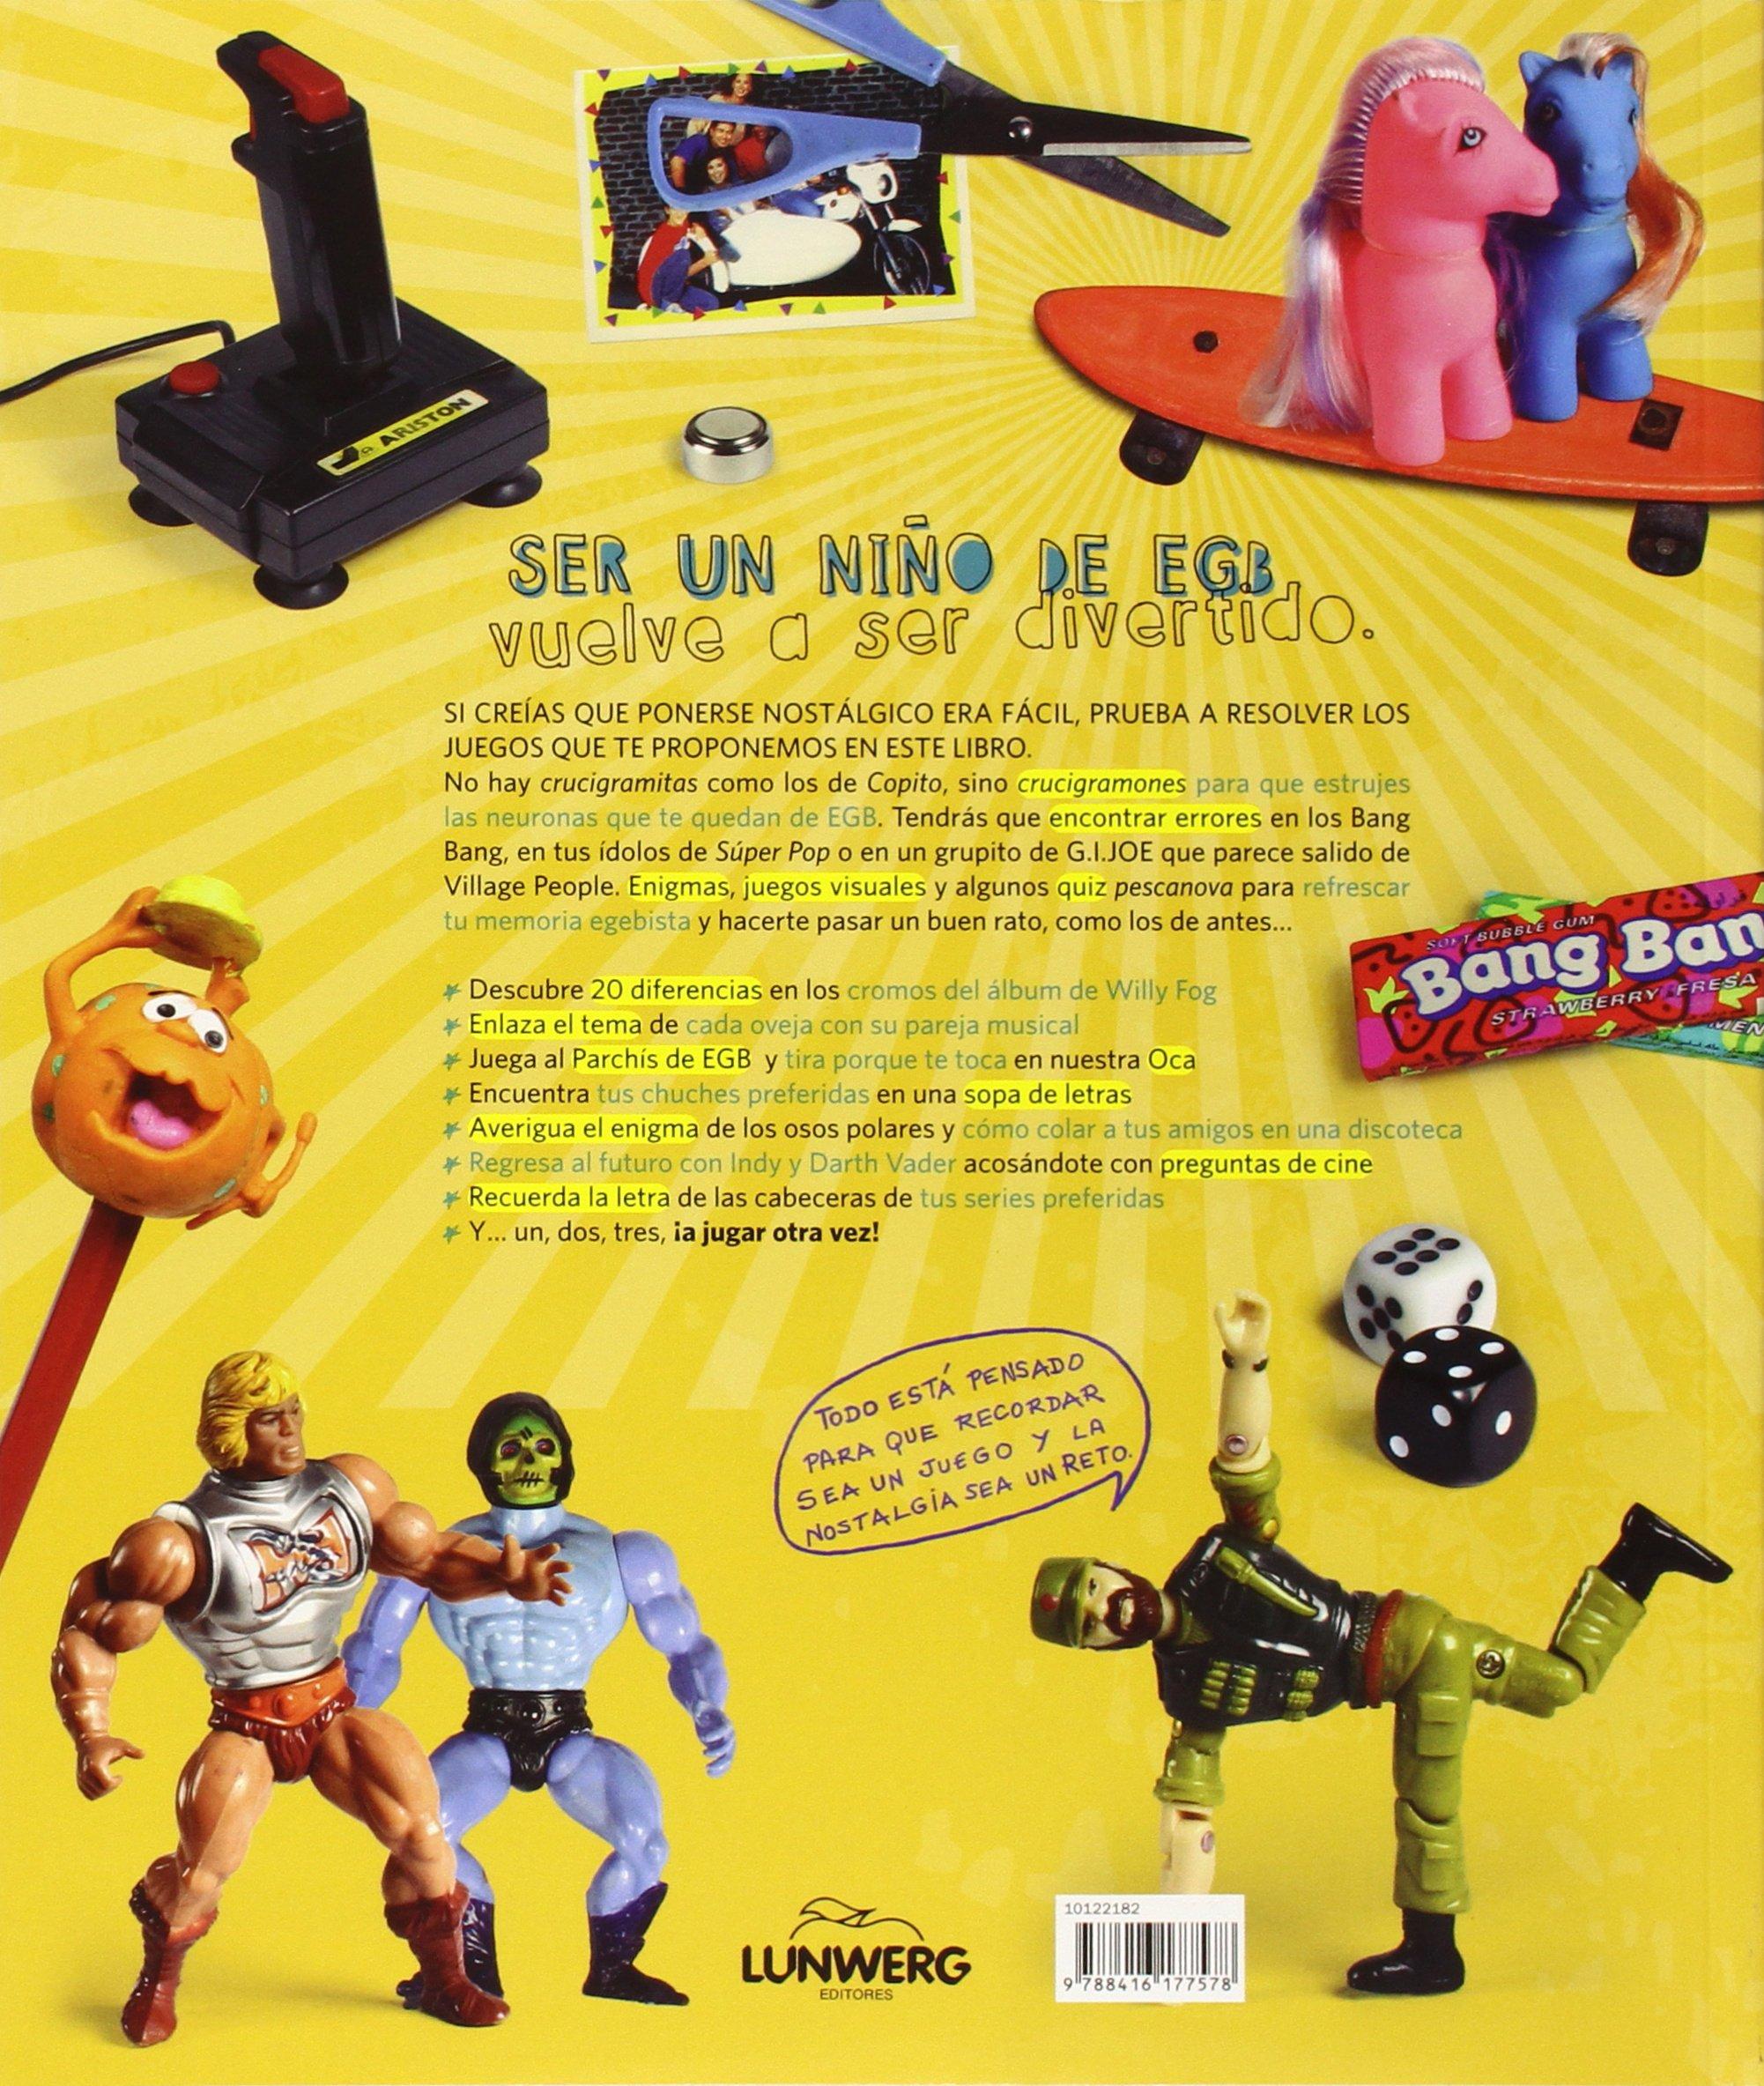 Cuaderno para los niños de EGB (Vintage y nostalgia): Amazon.es: Gassió, Xavier, Gassió, Anna: Libros